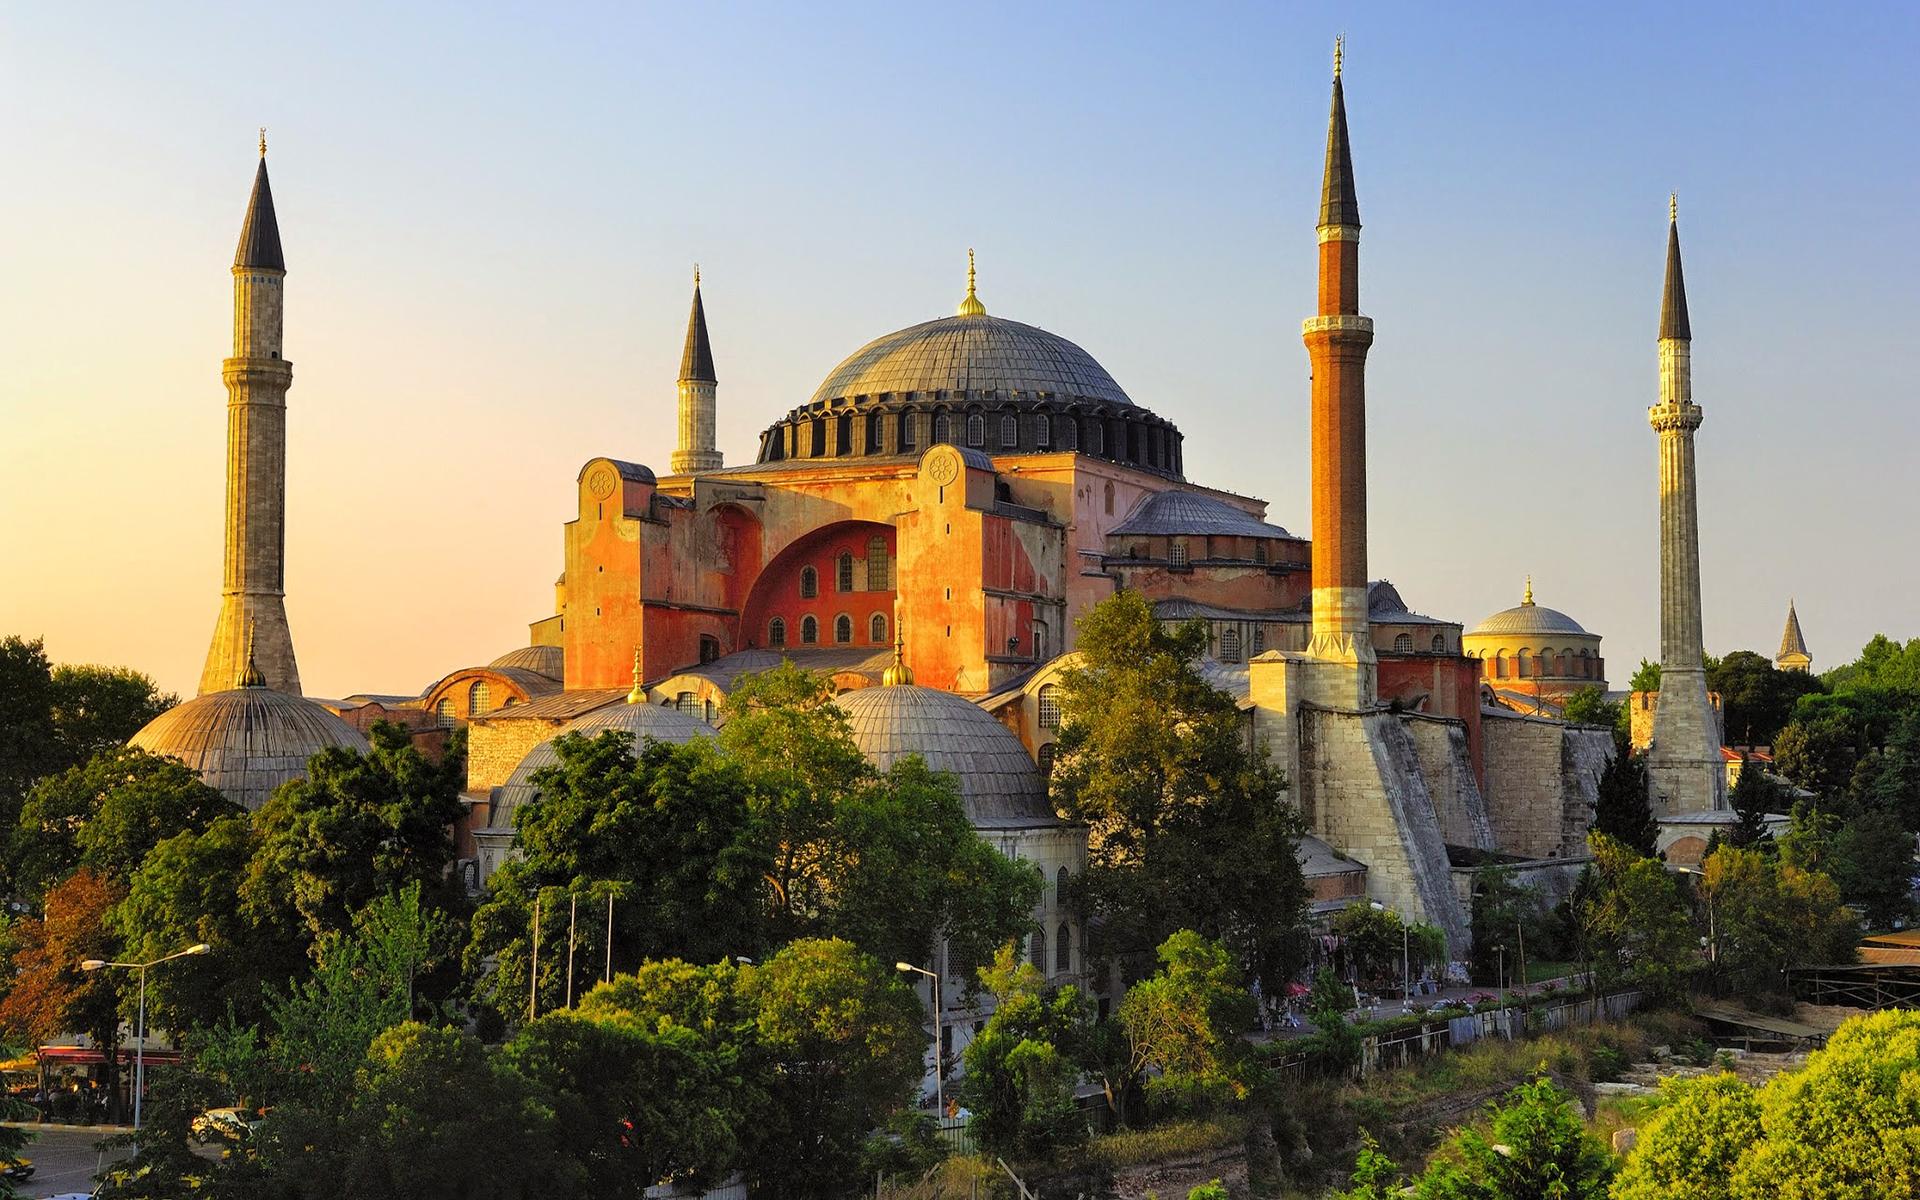 Стамбул картинки в хорошем качестве, добрым утром страна